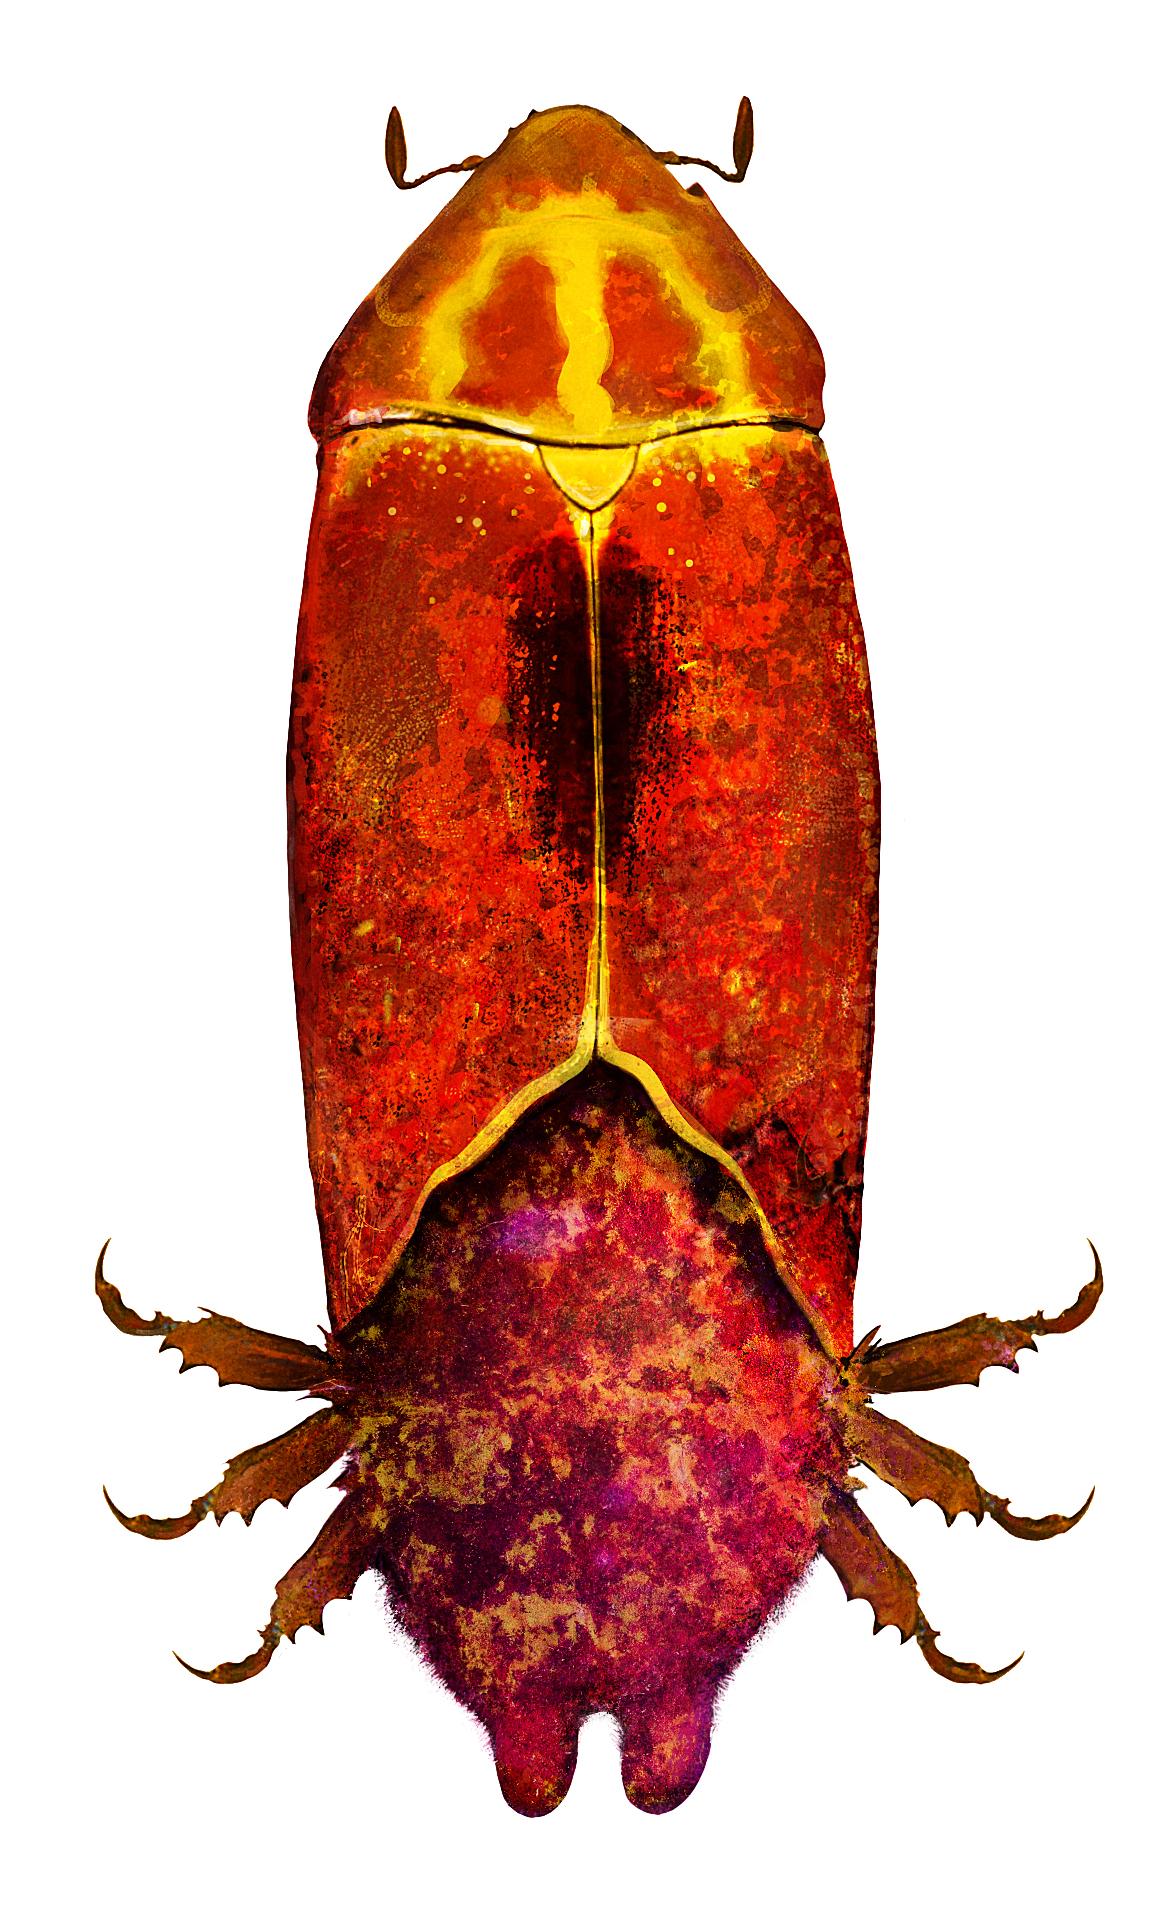 john-bergin-insectte.jpg